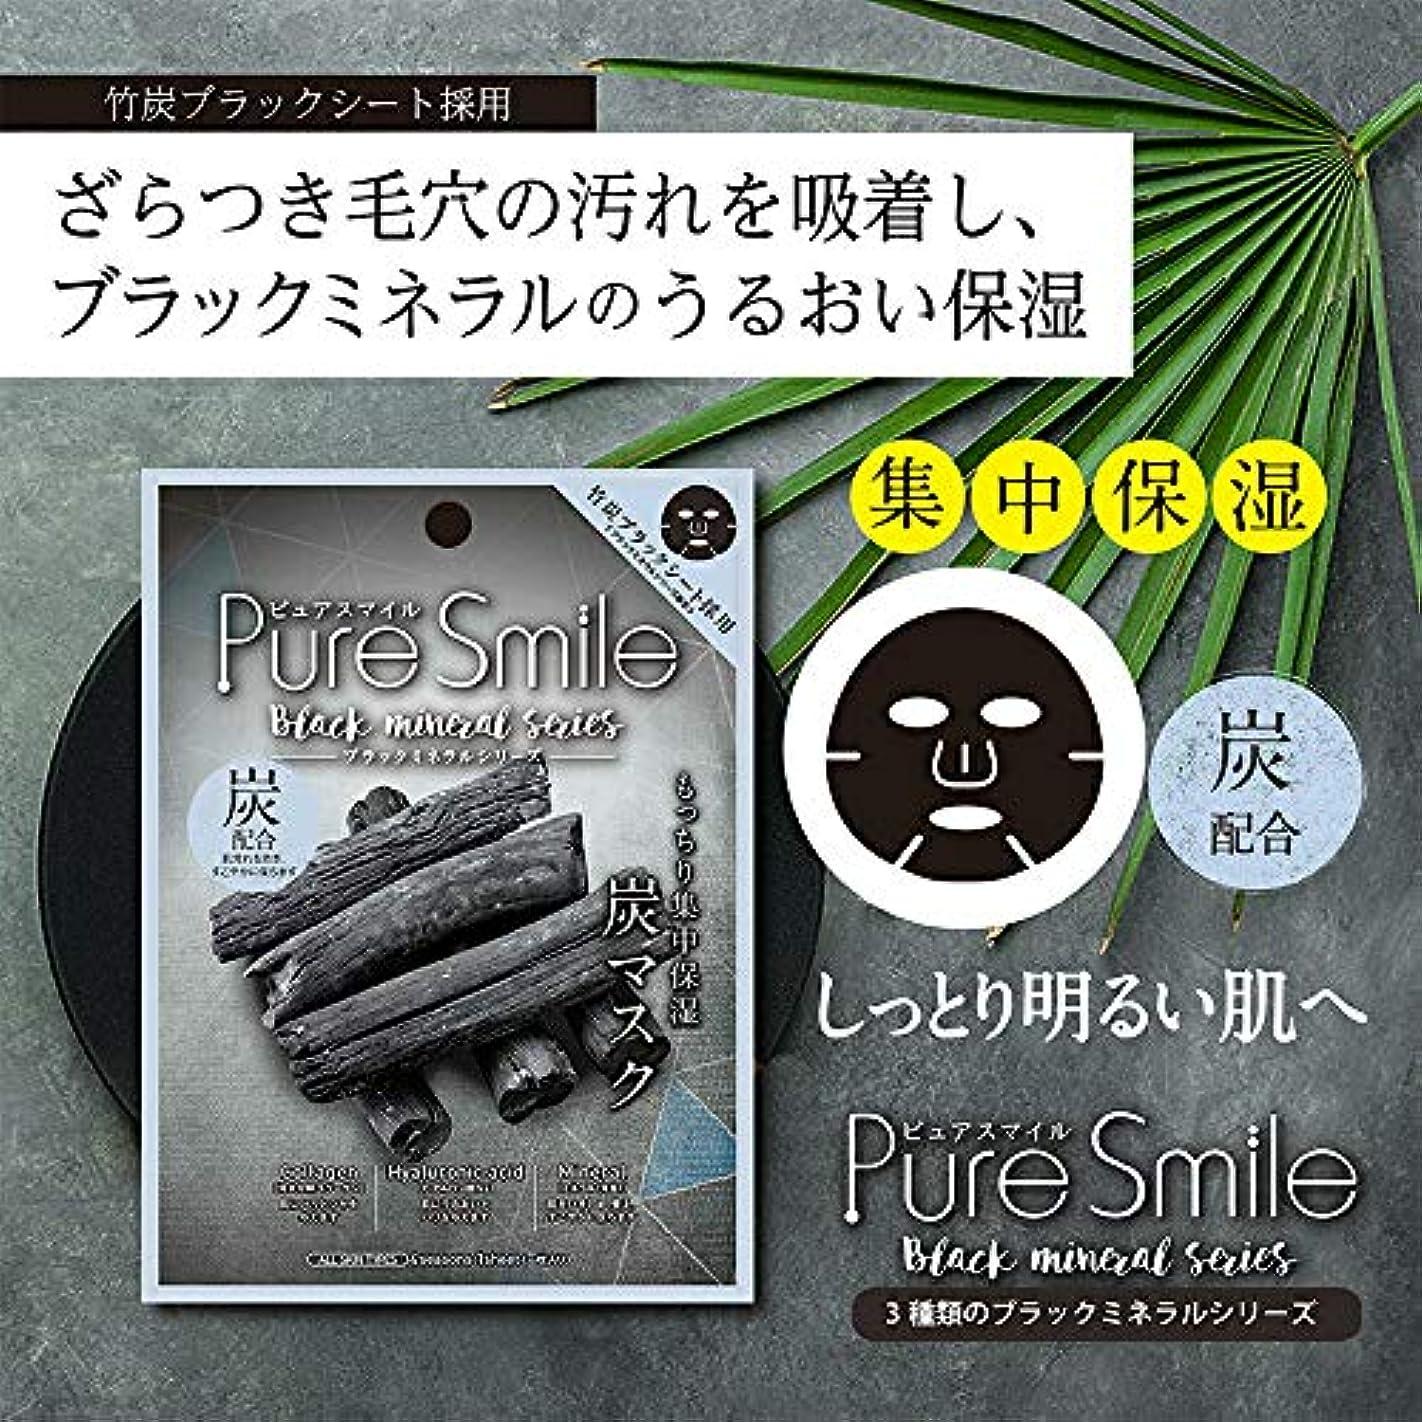 偶然のジェムカトリック教徒Pure Smile(ピュアスマイル) エッセンスマスク 『ブラックミネラルシリーズ』(炭) フェイスマスク パック